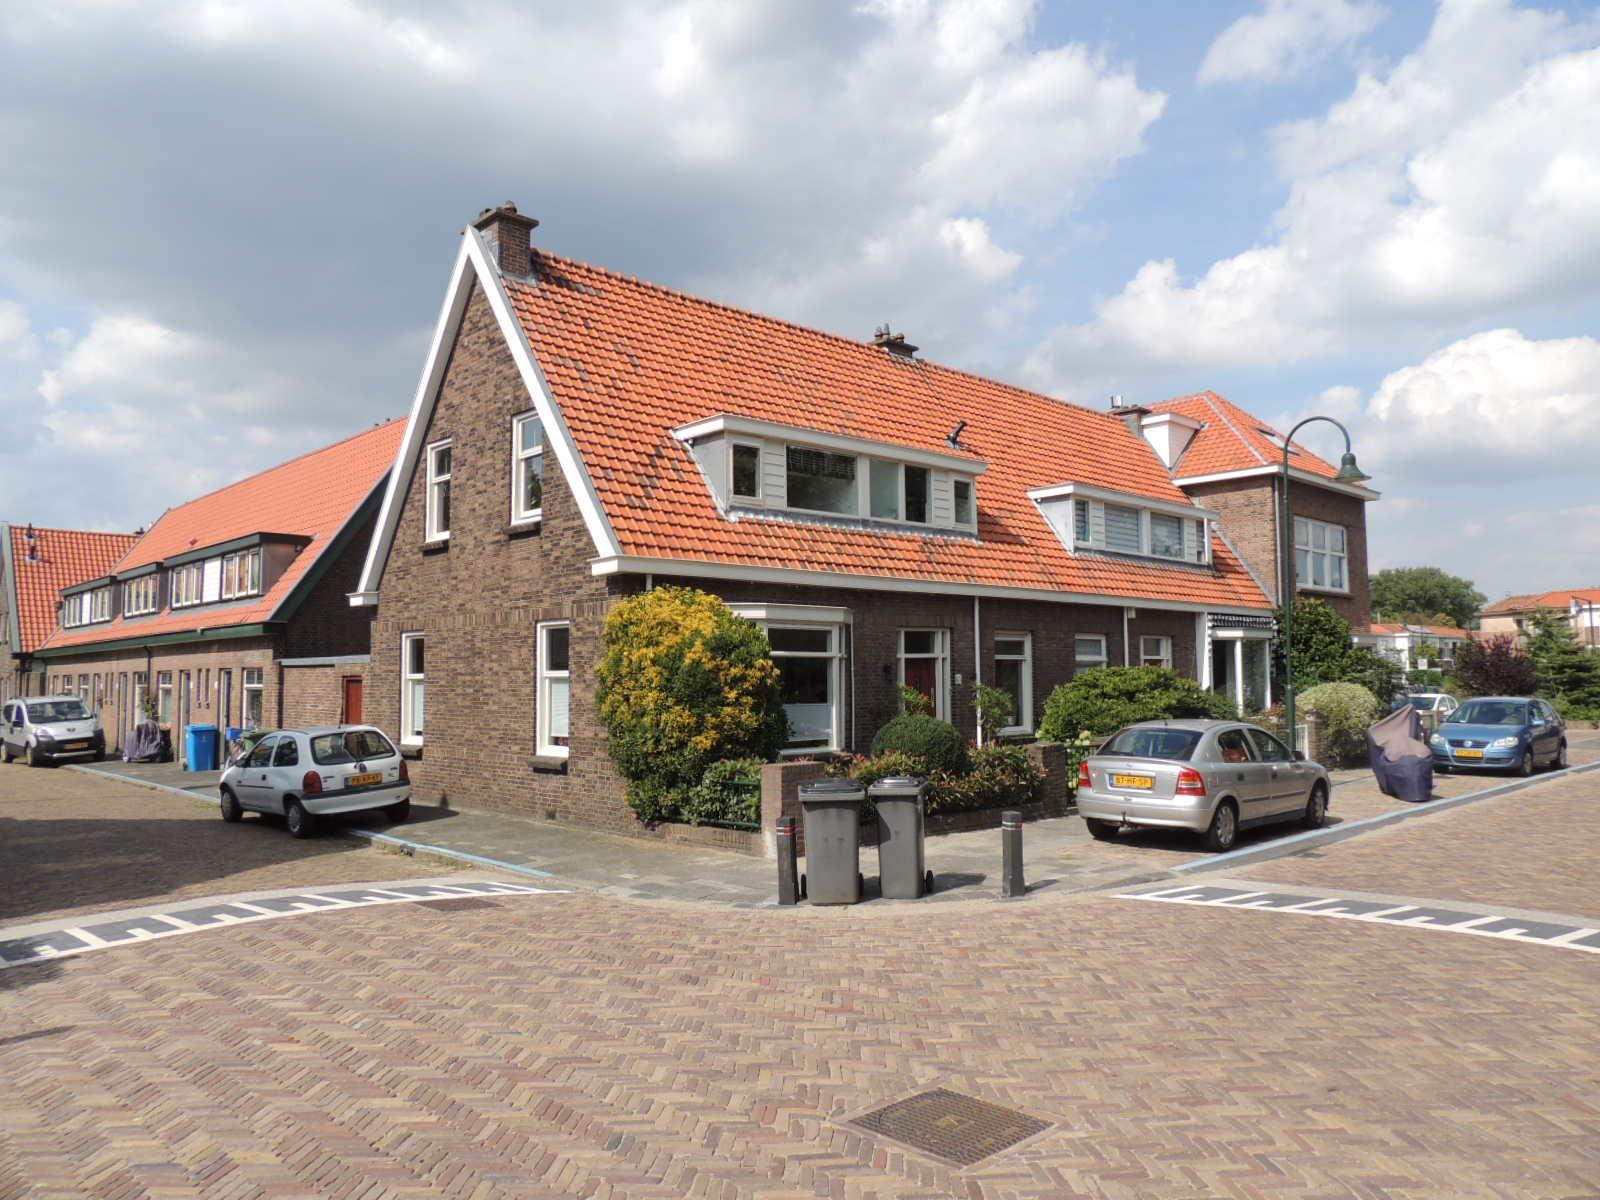 Laan van Haagvliet, Voorburg